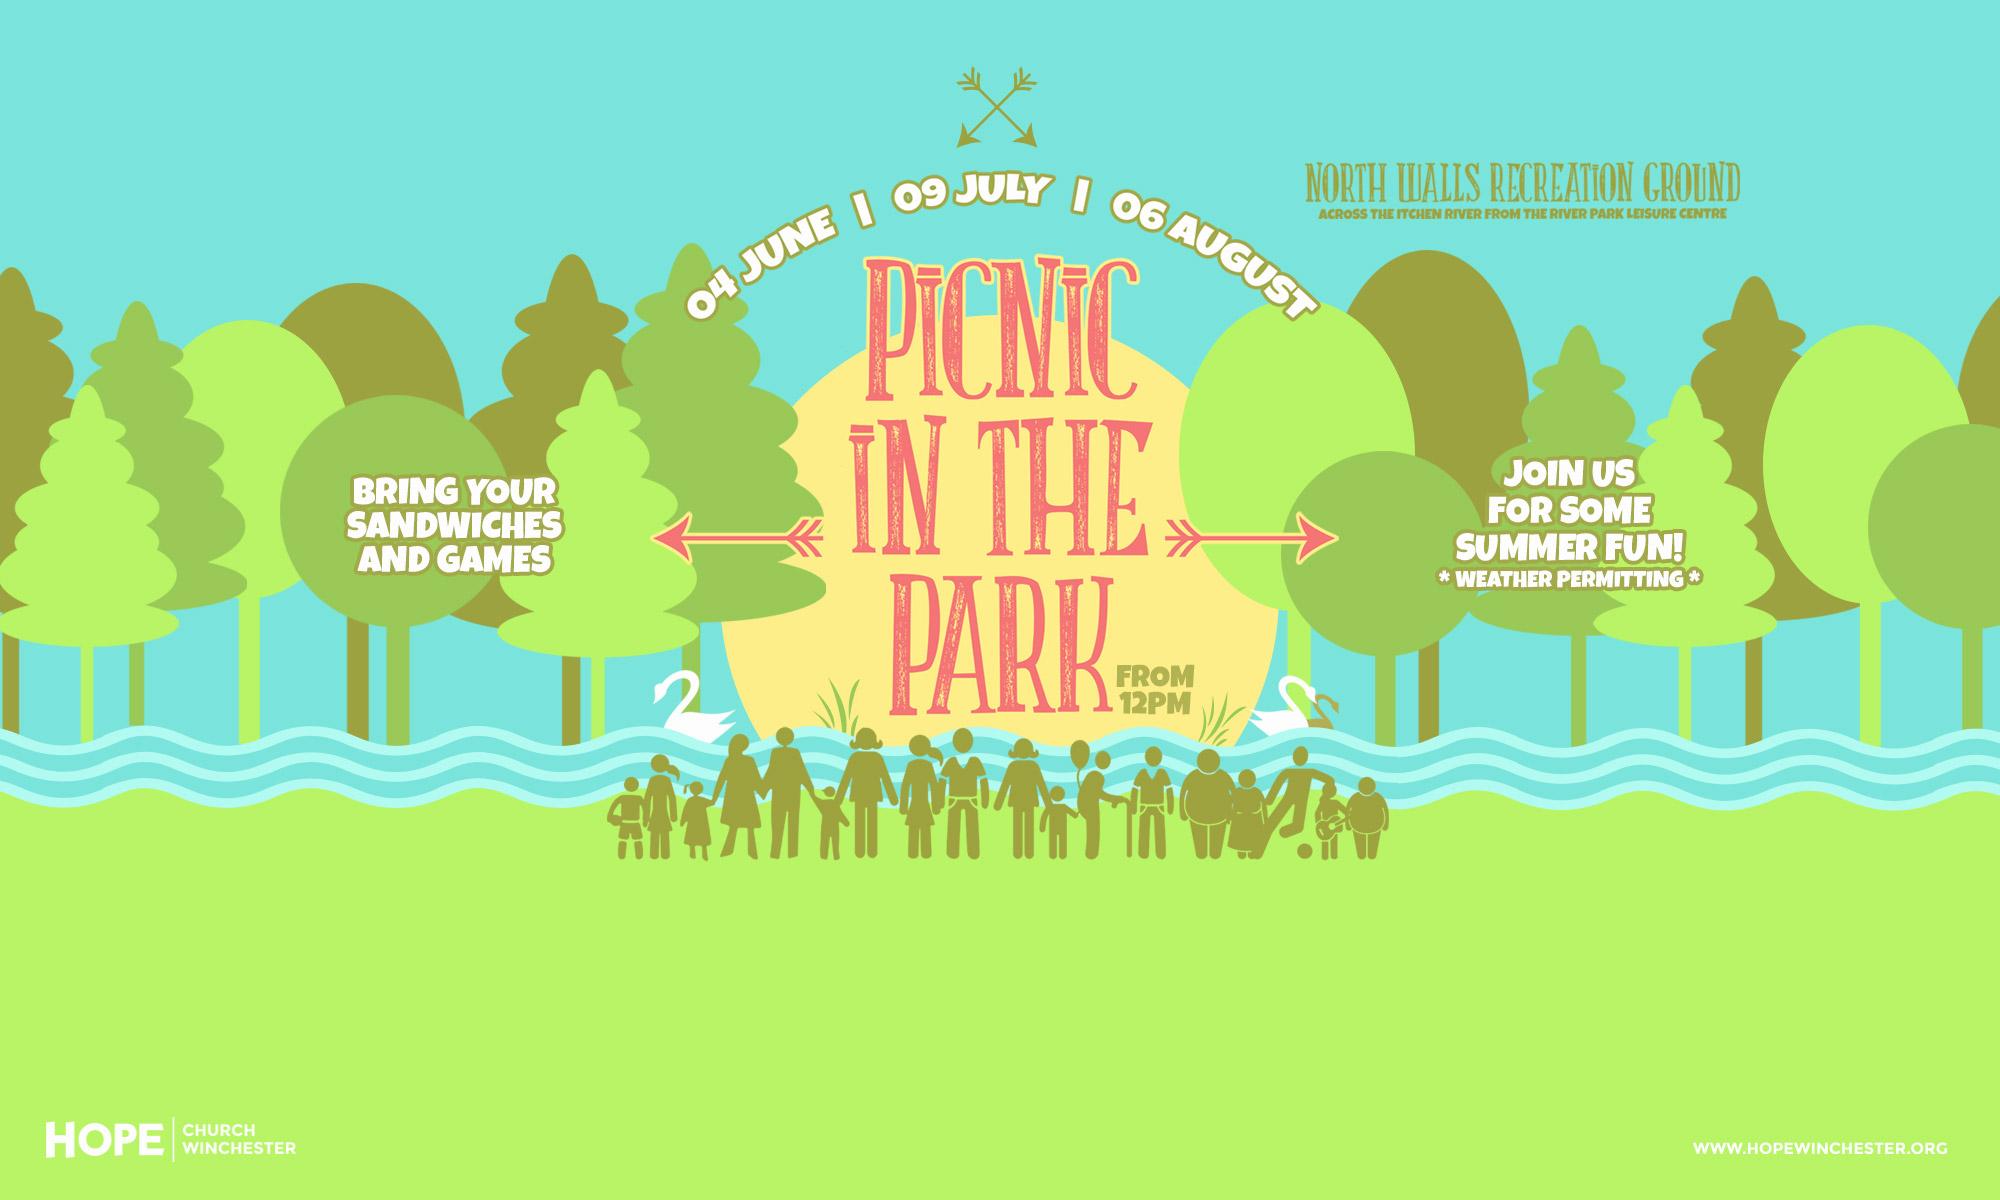 W-Home-PicnicInThePark2017-2